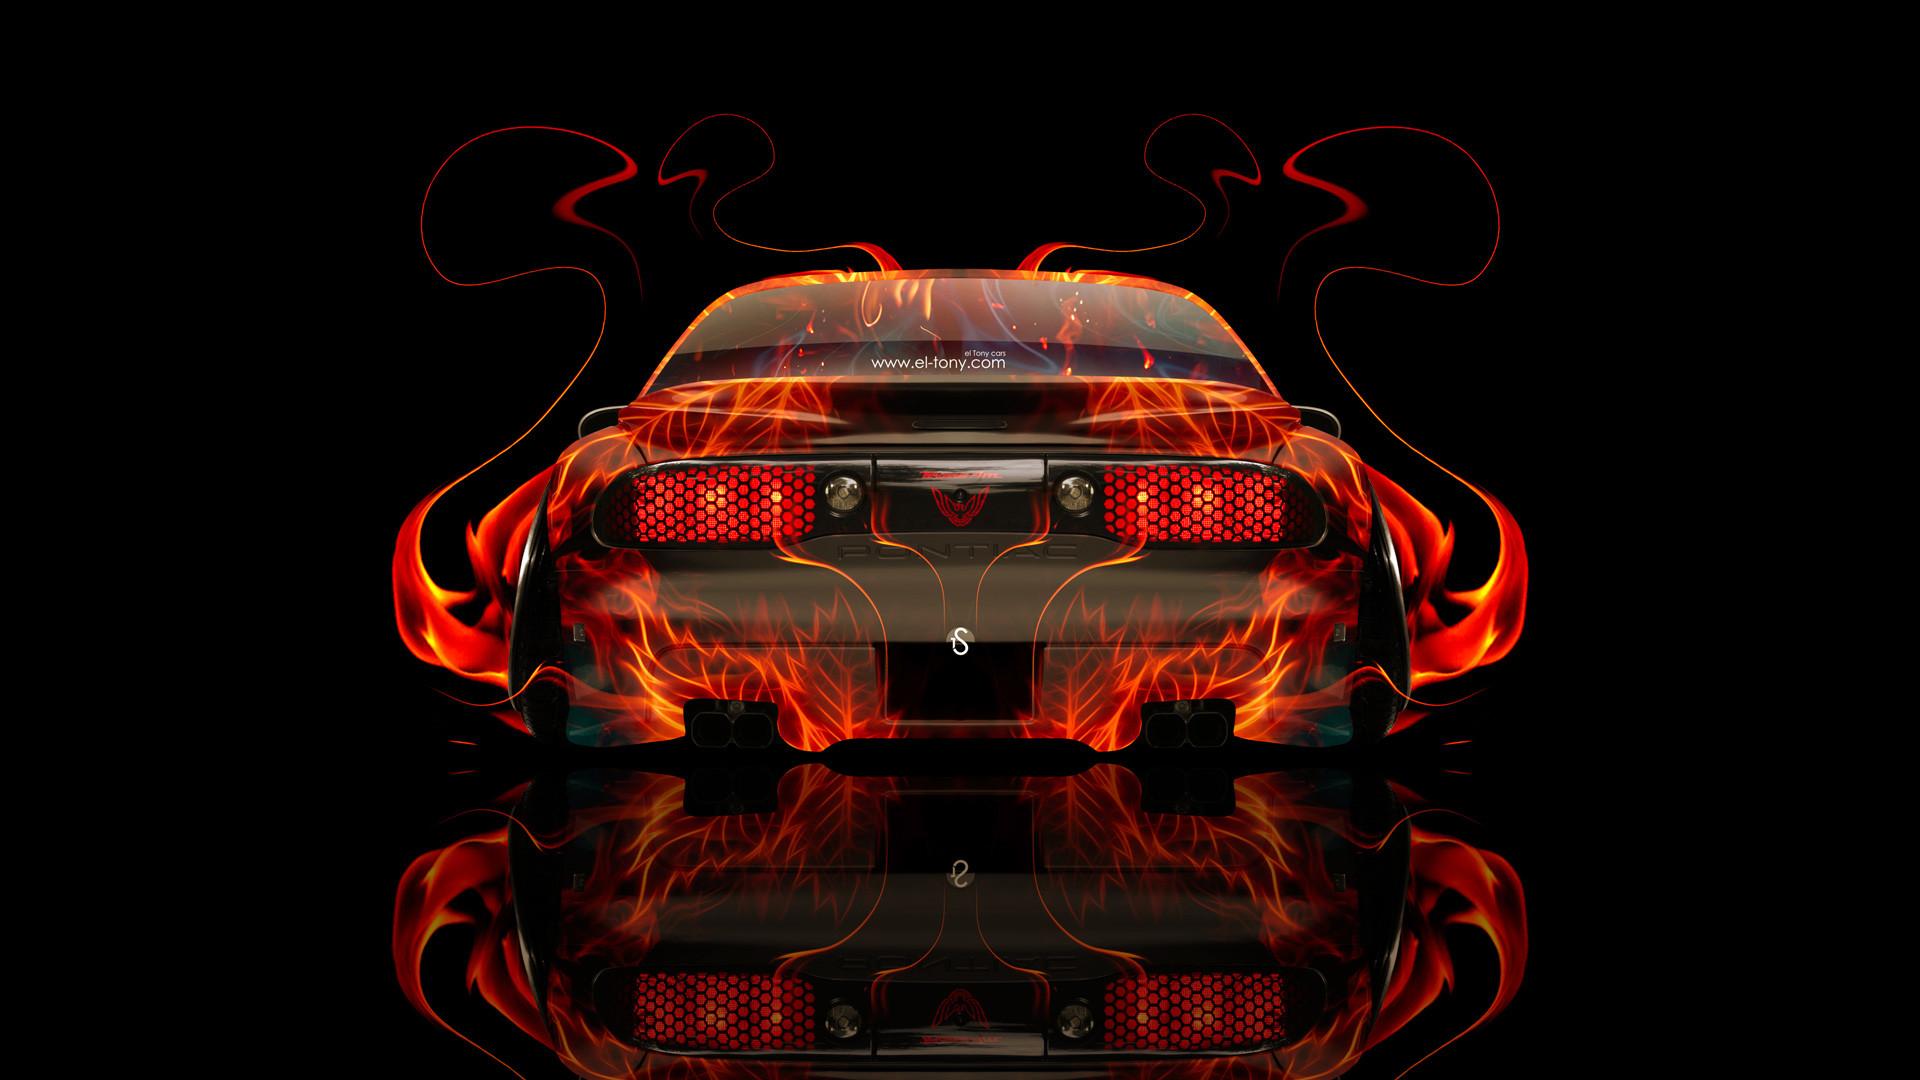 Res: 1920x1080, Pontiac-Firebird-Back-Fire-Abstract-Car-2014-HD-